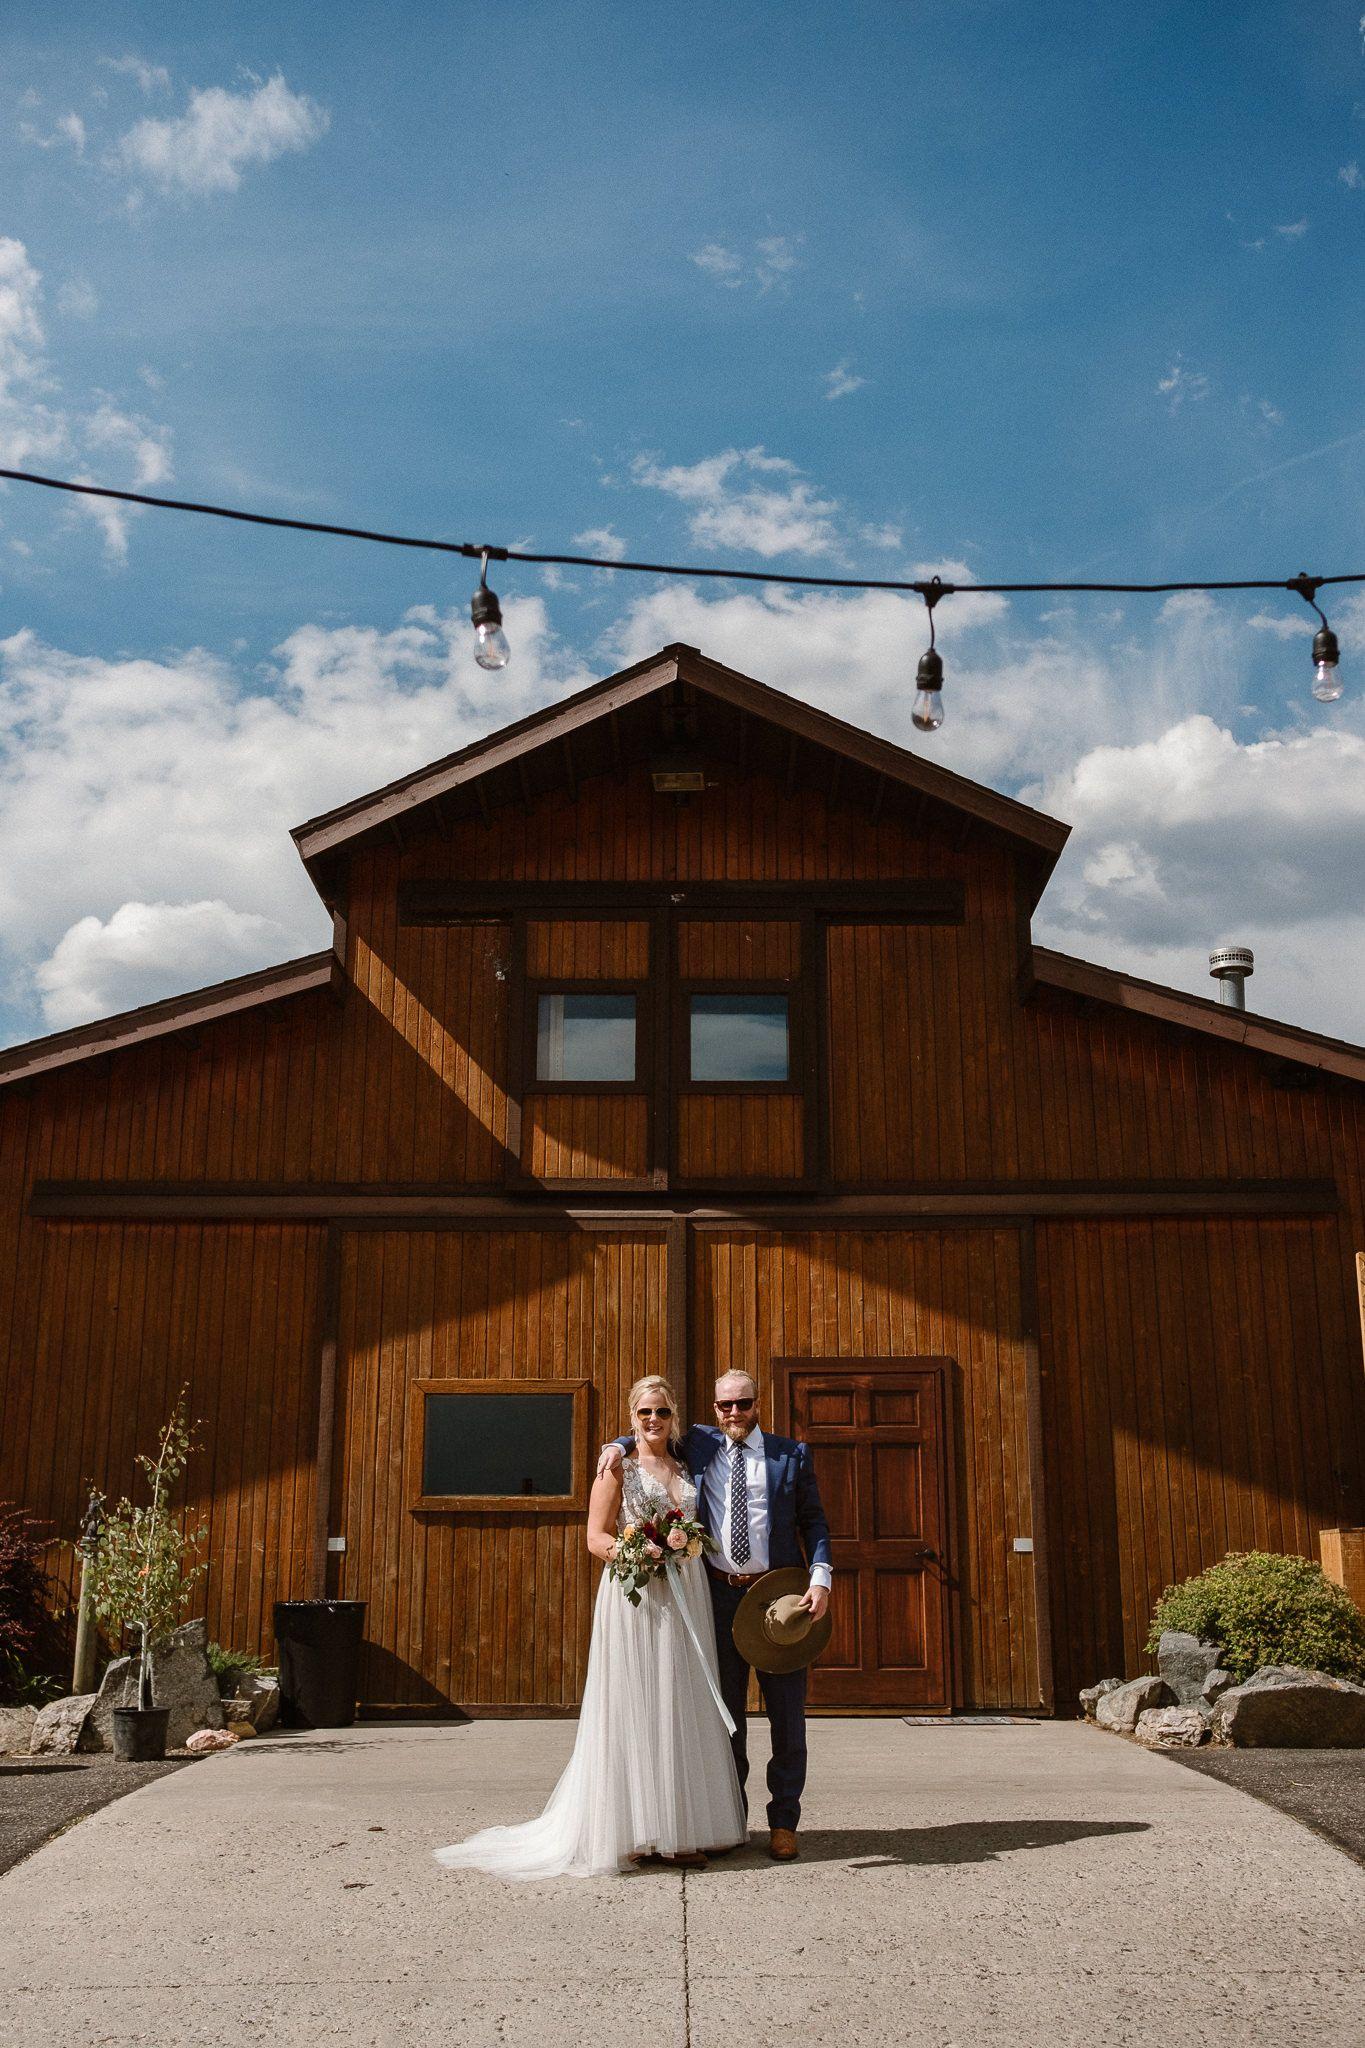 La Joya Dulce wedding in Steamboat Springs, Colorado